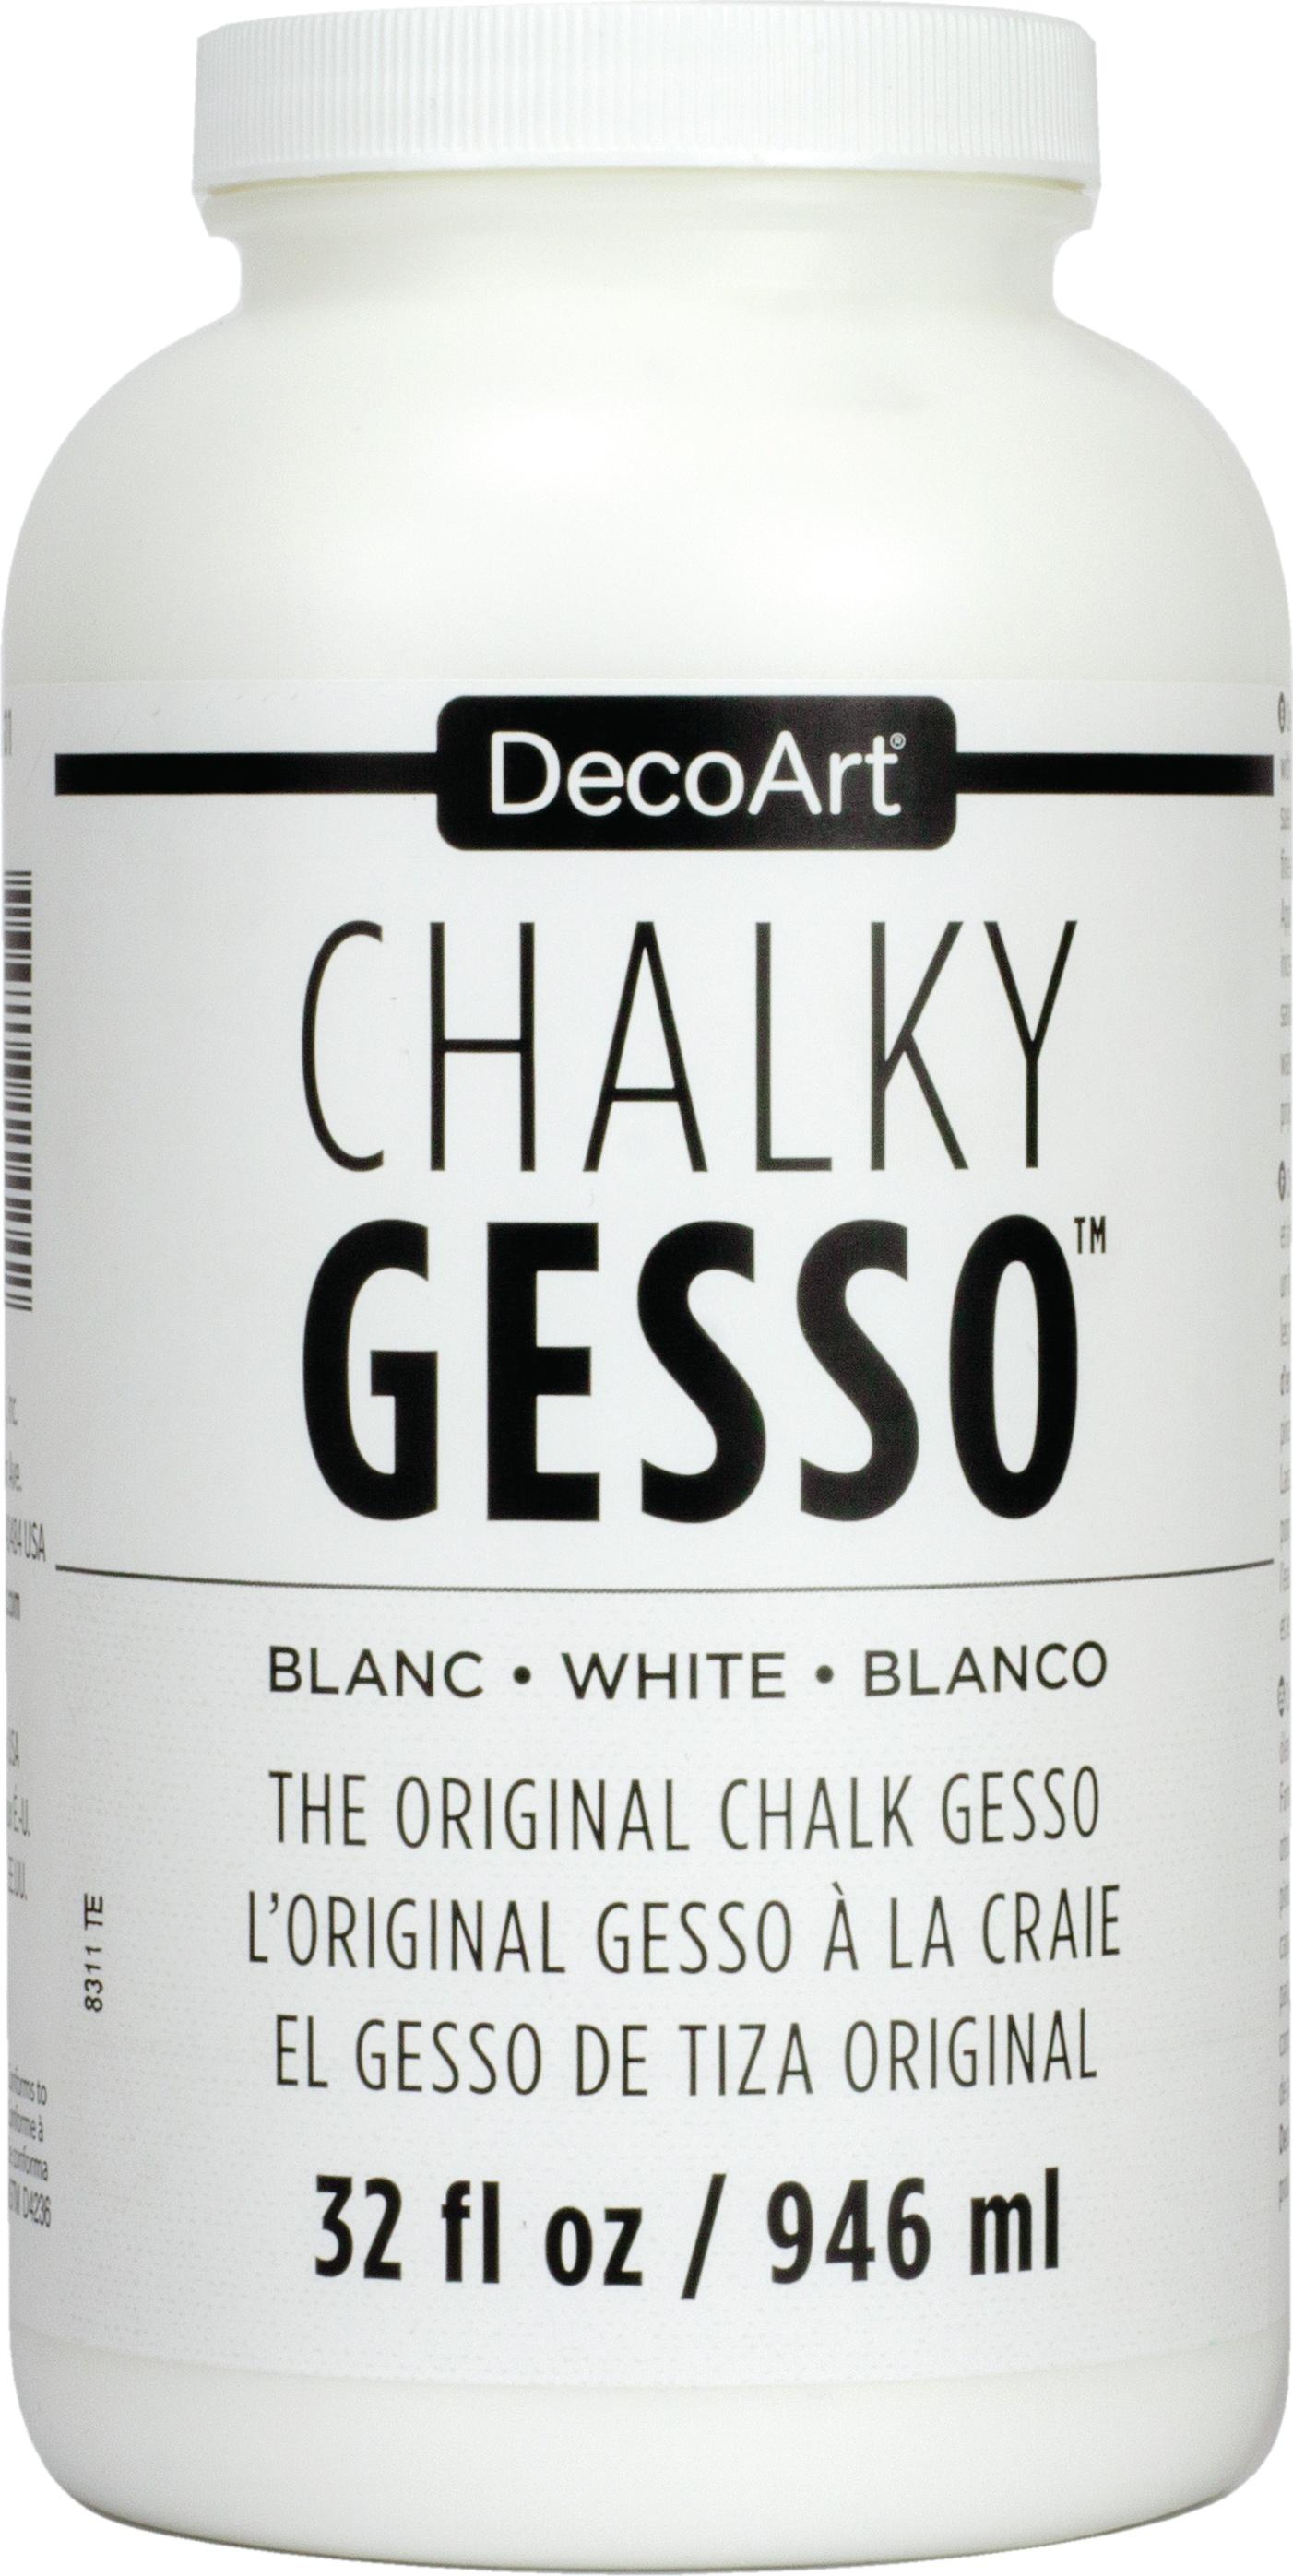 DecoArt Chalky Gesso Ultra-Matte Primer 32oz